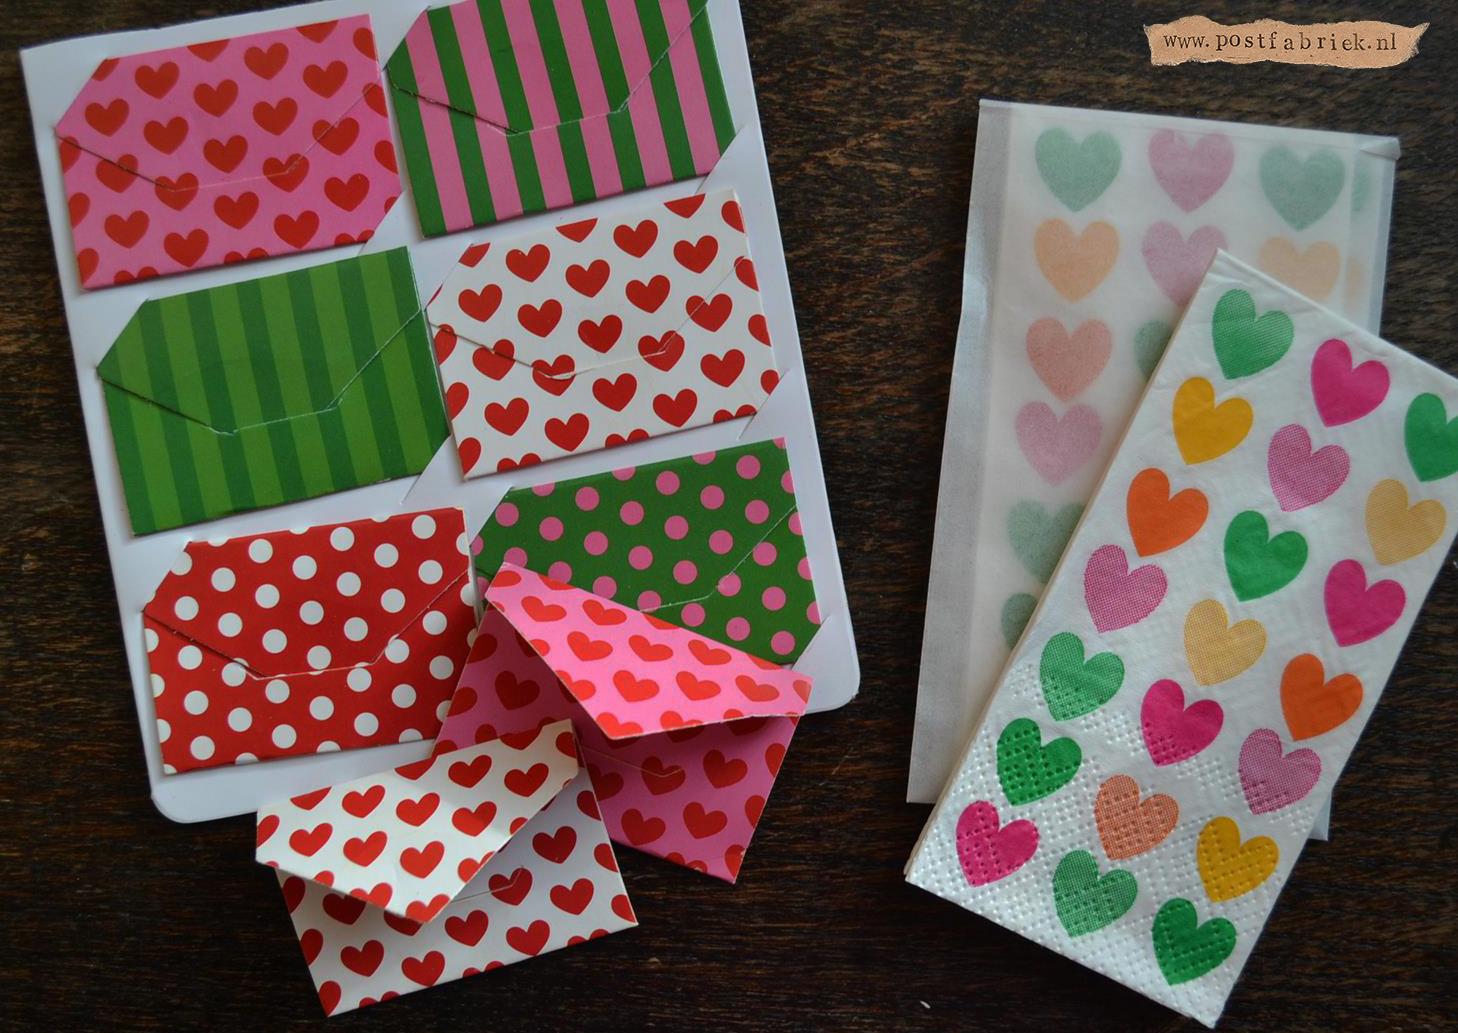 Mini envelopjes en zakdoekjes